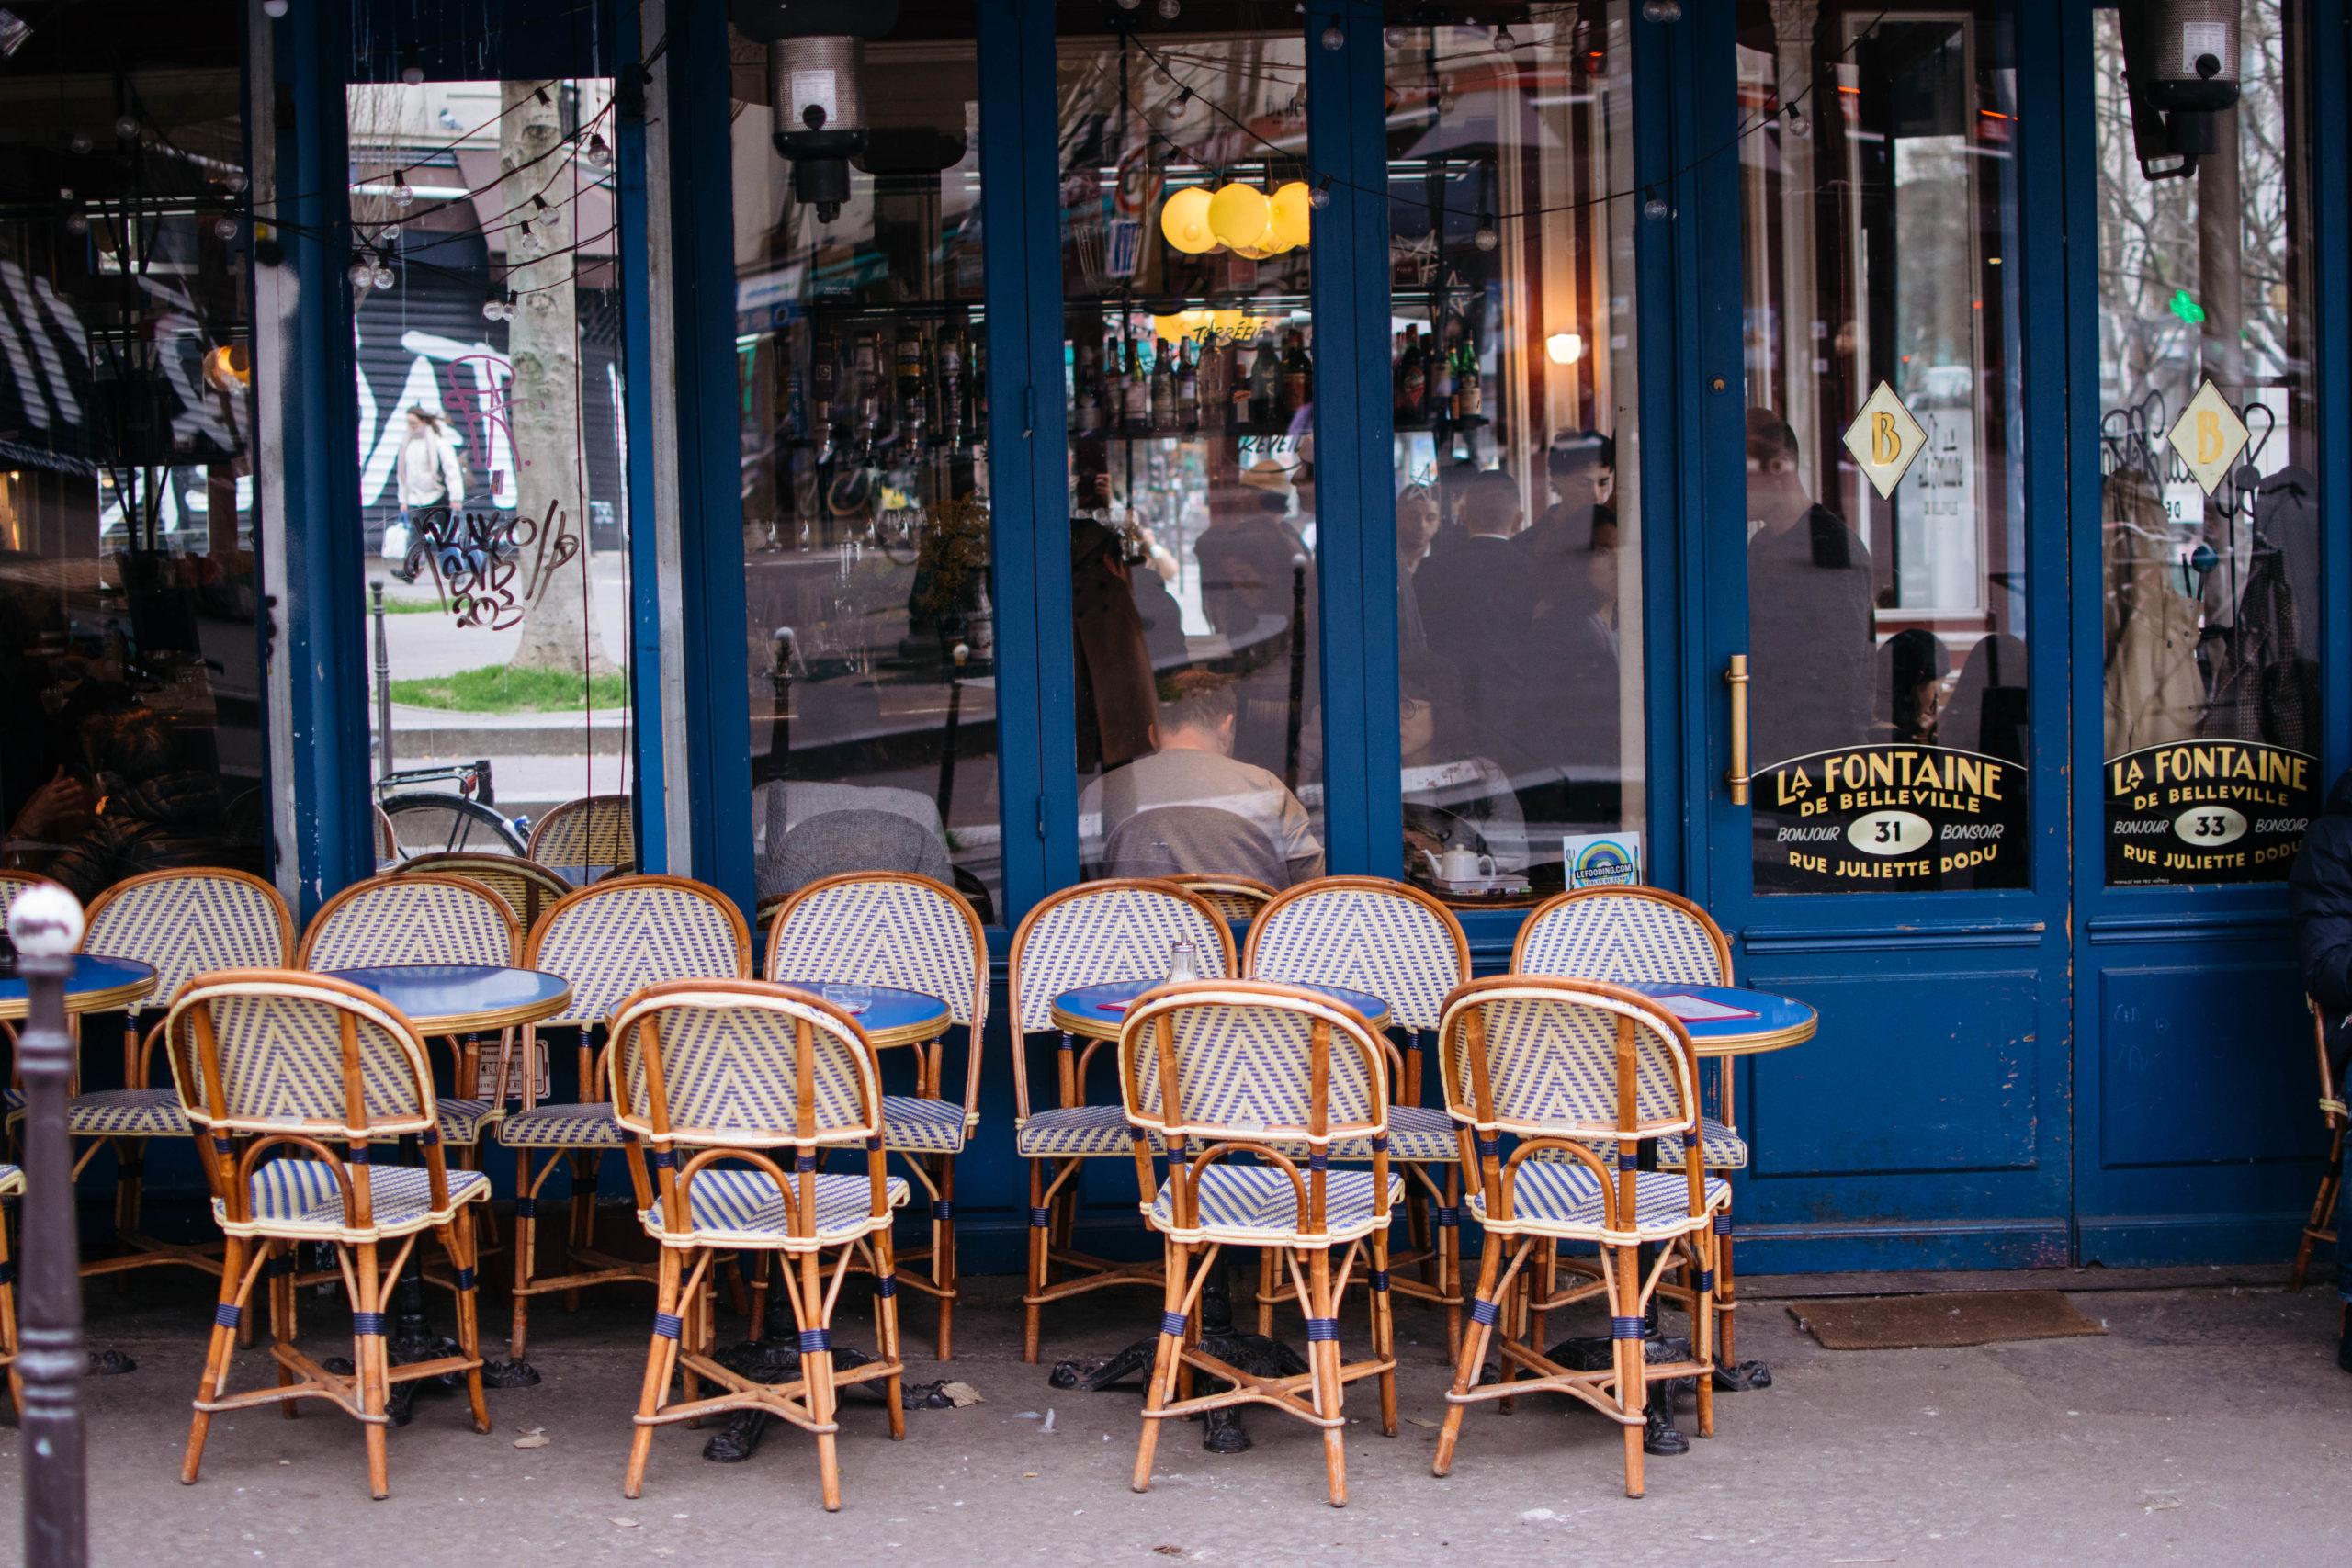 Café tables and chairs sit outside La Fontaine de Belleville, a french coffee shop in Paris' 10th arrondissement.